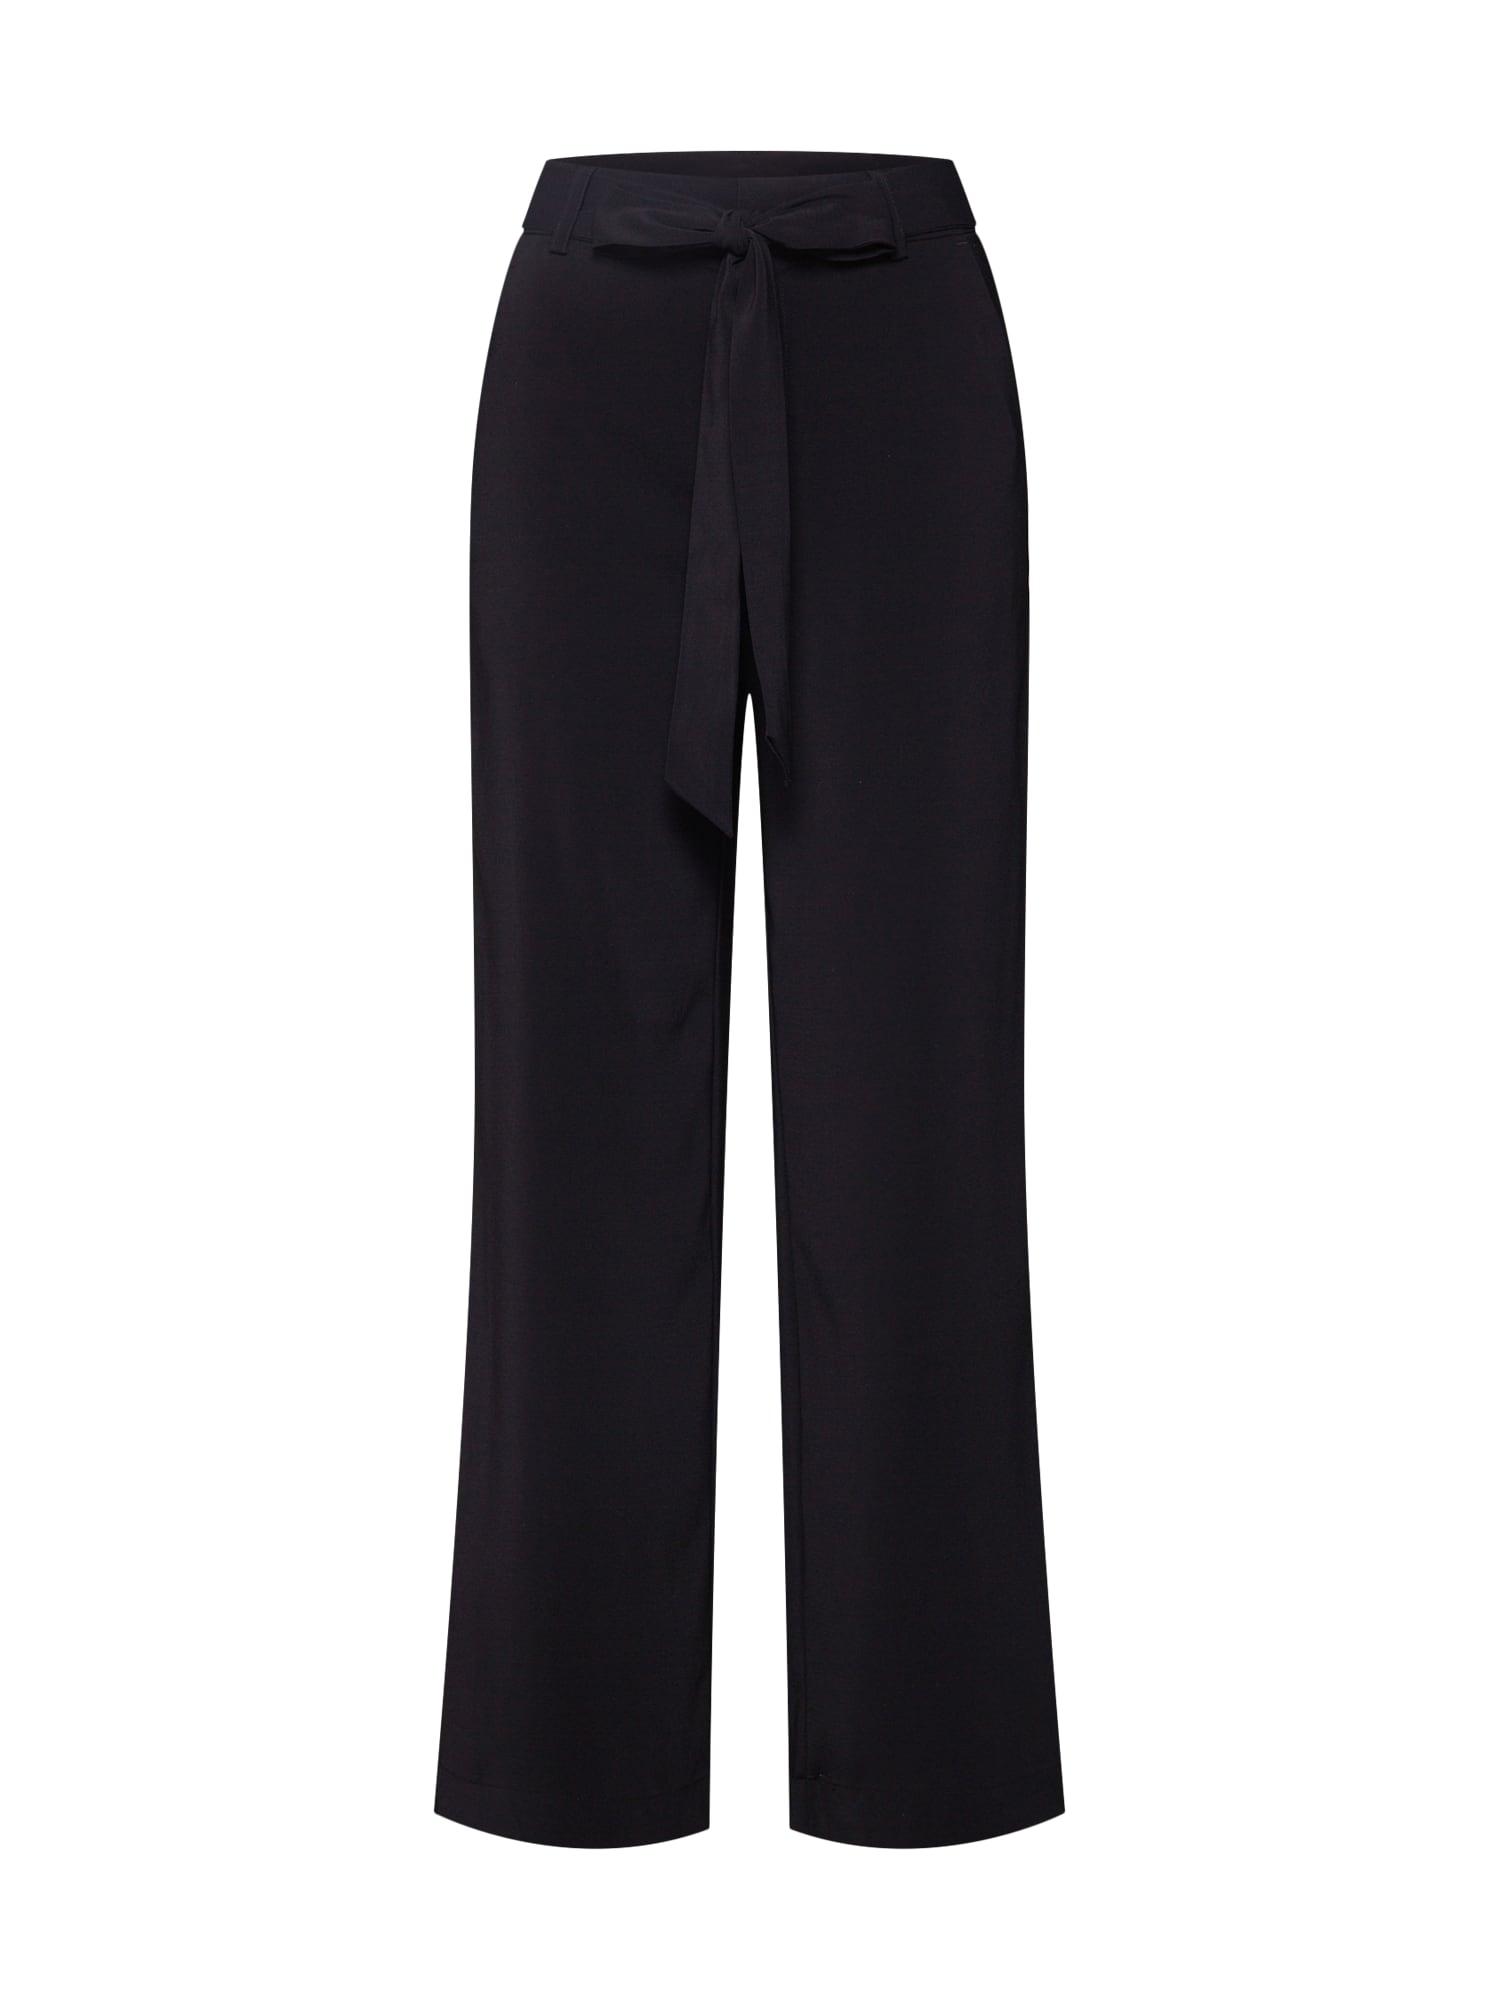 Kalhoty Hysteric černá Mbym